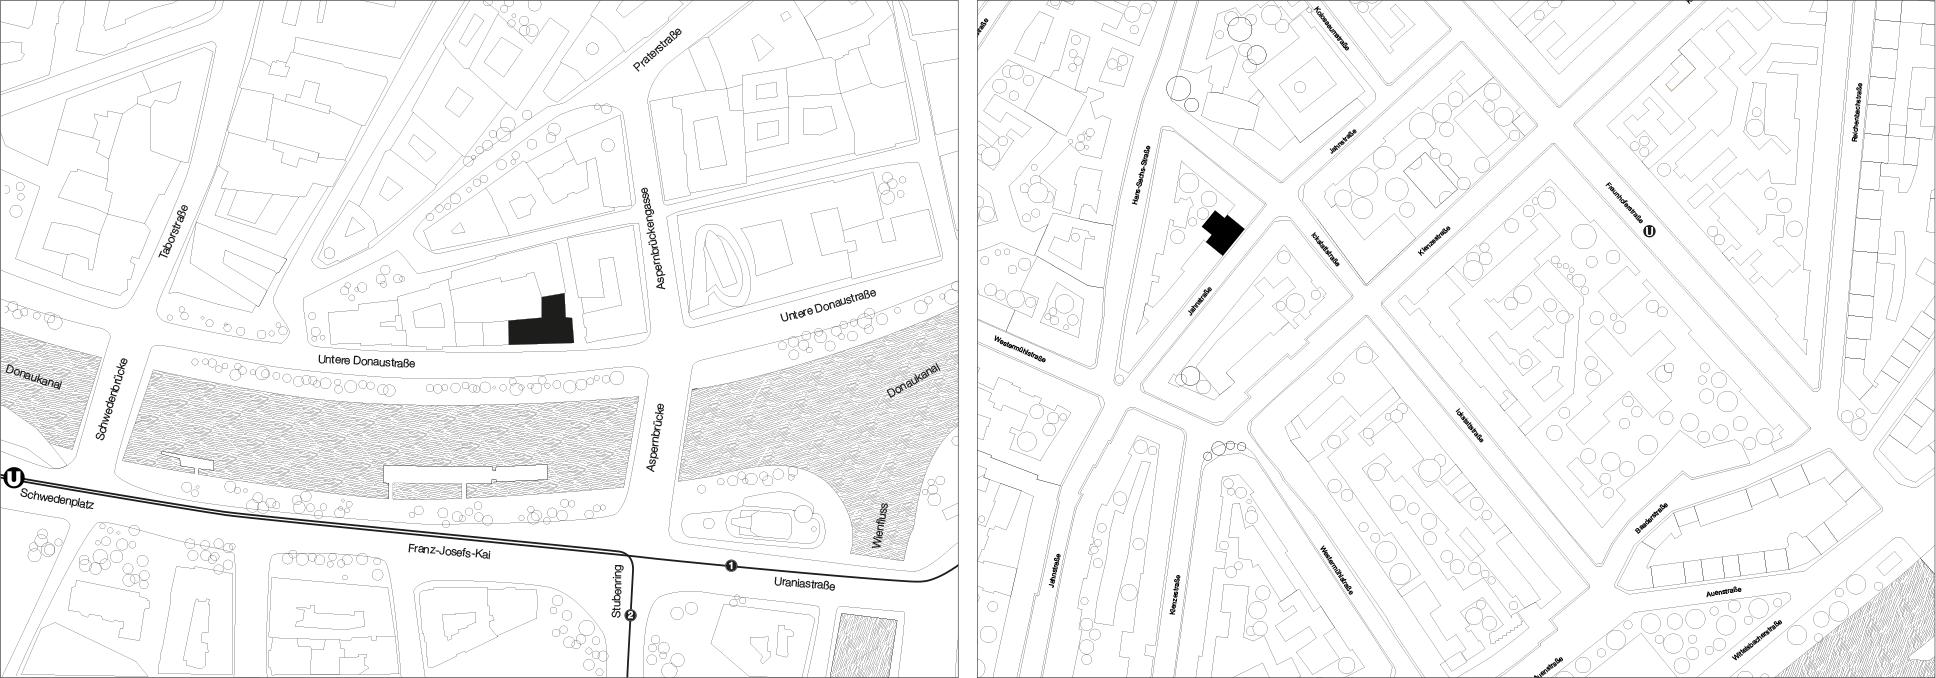 siteplans_website